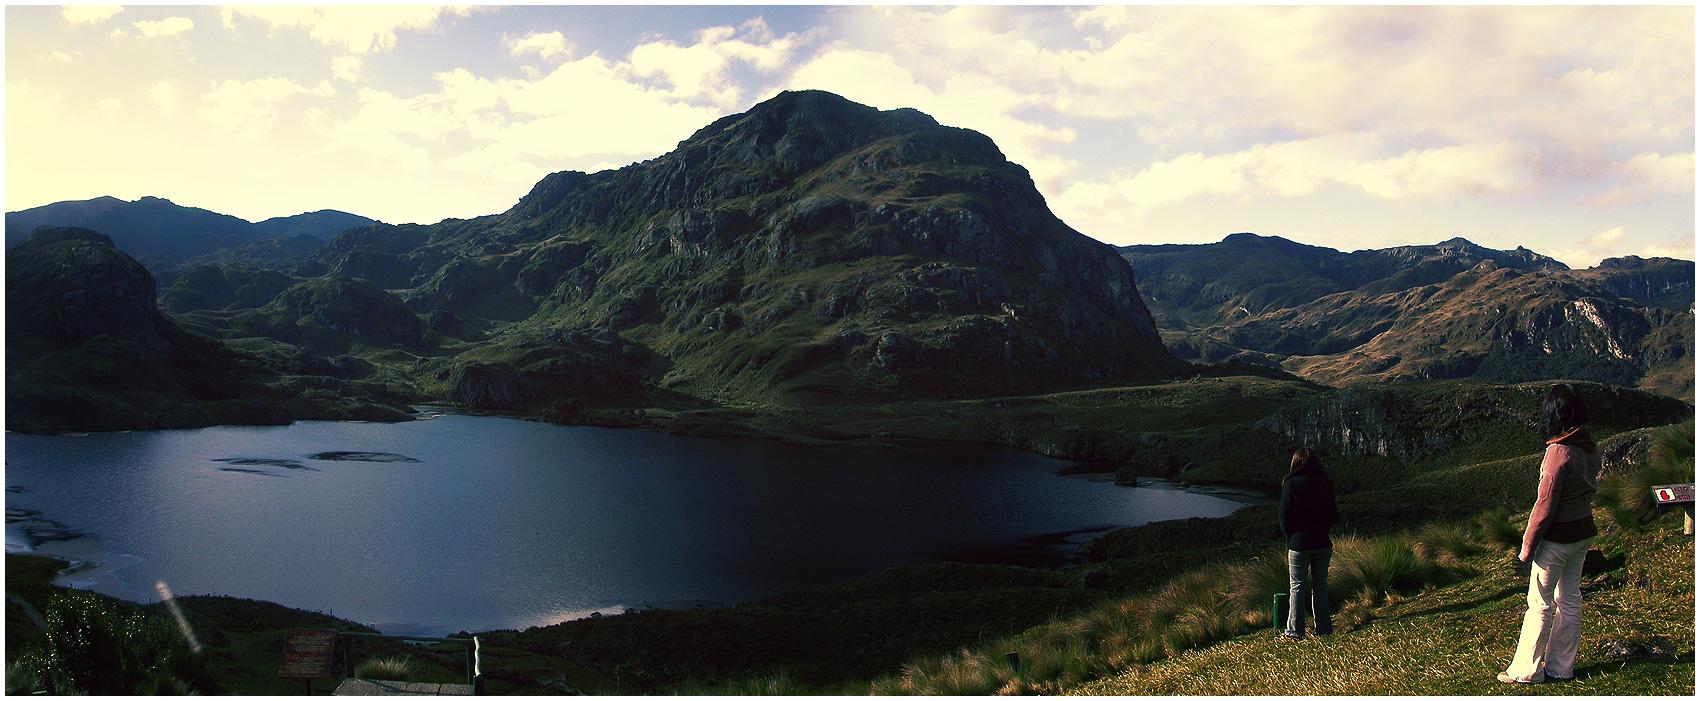 El Cajas - Panorama by mauricioestrella